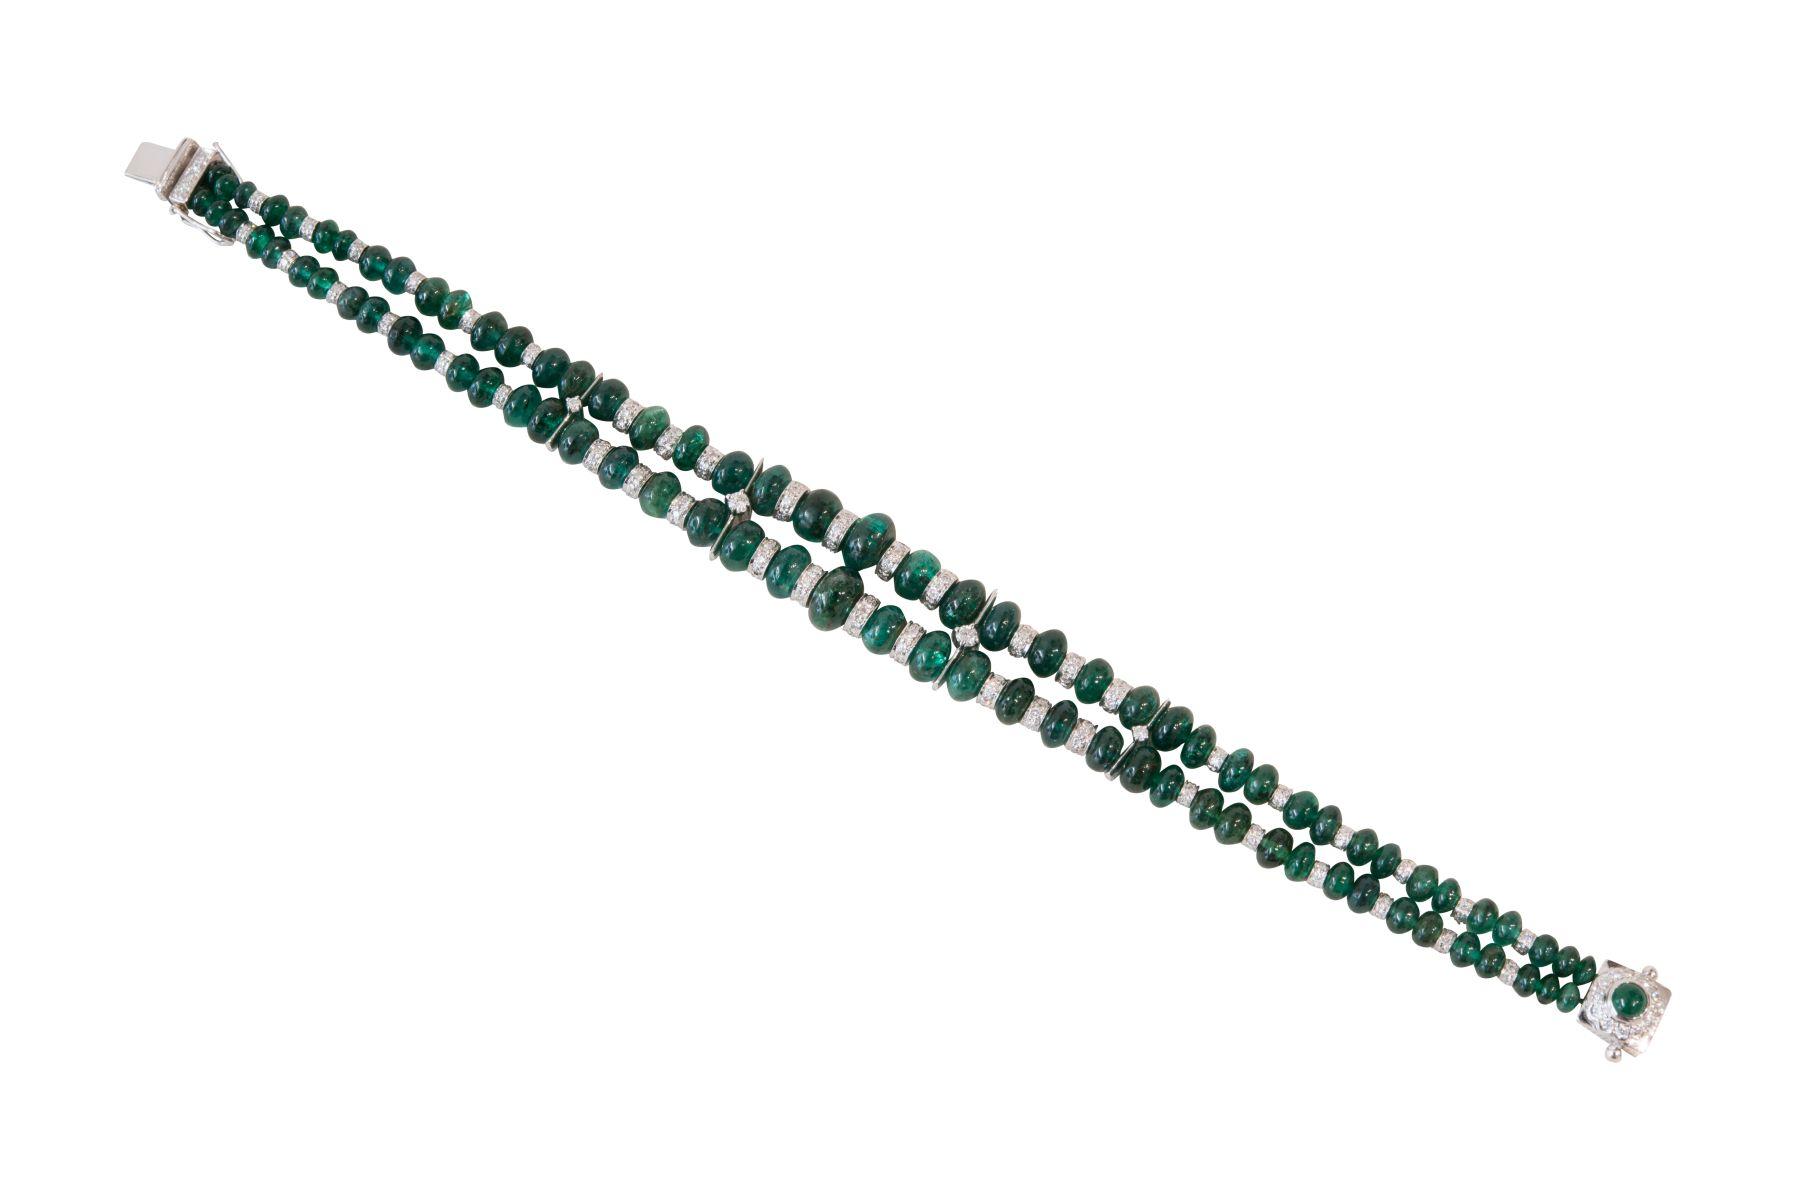 #172 Bracelet | Armband Image